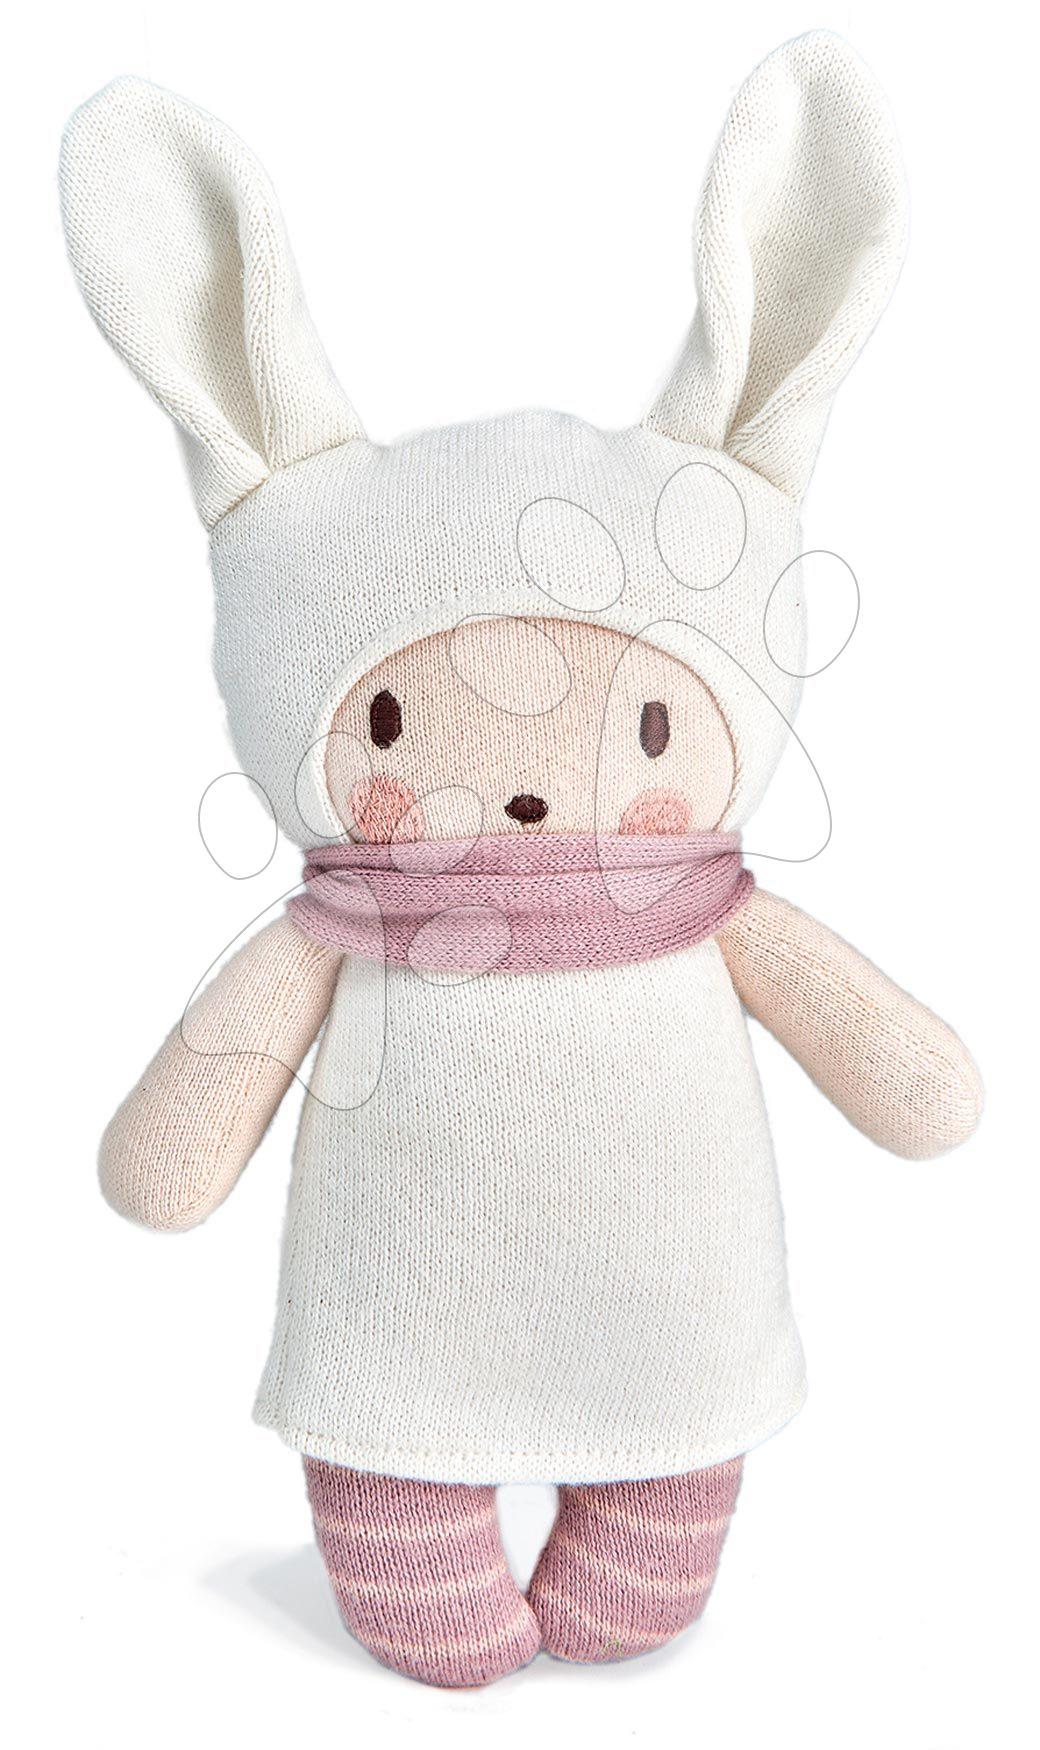 Panenka pletená růžová Baby Baba Knitted Doll ThreadBear 24 cm z jemné a měkké bavlny v dárkovém balení od 0 měsíců